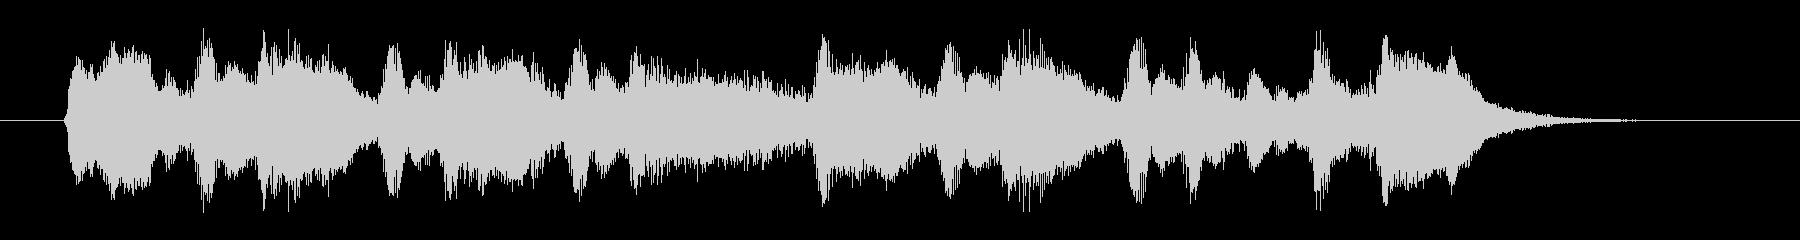 優しく美しいシンセオルガンサウンドの未再生の波形